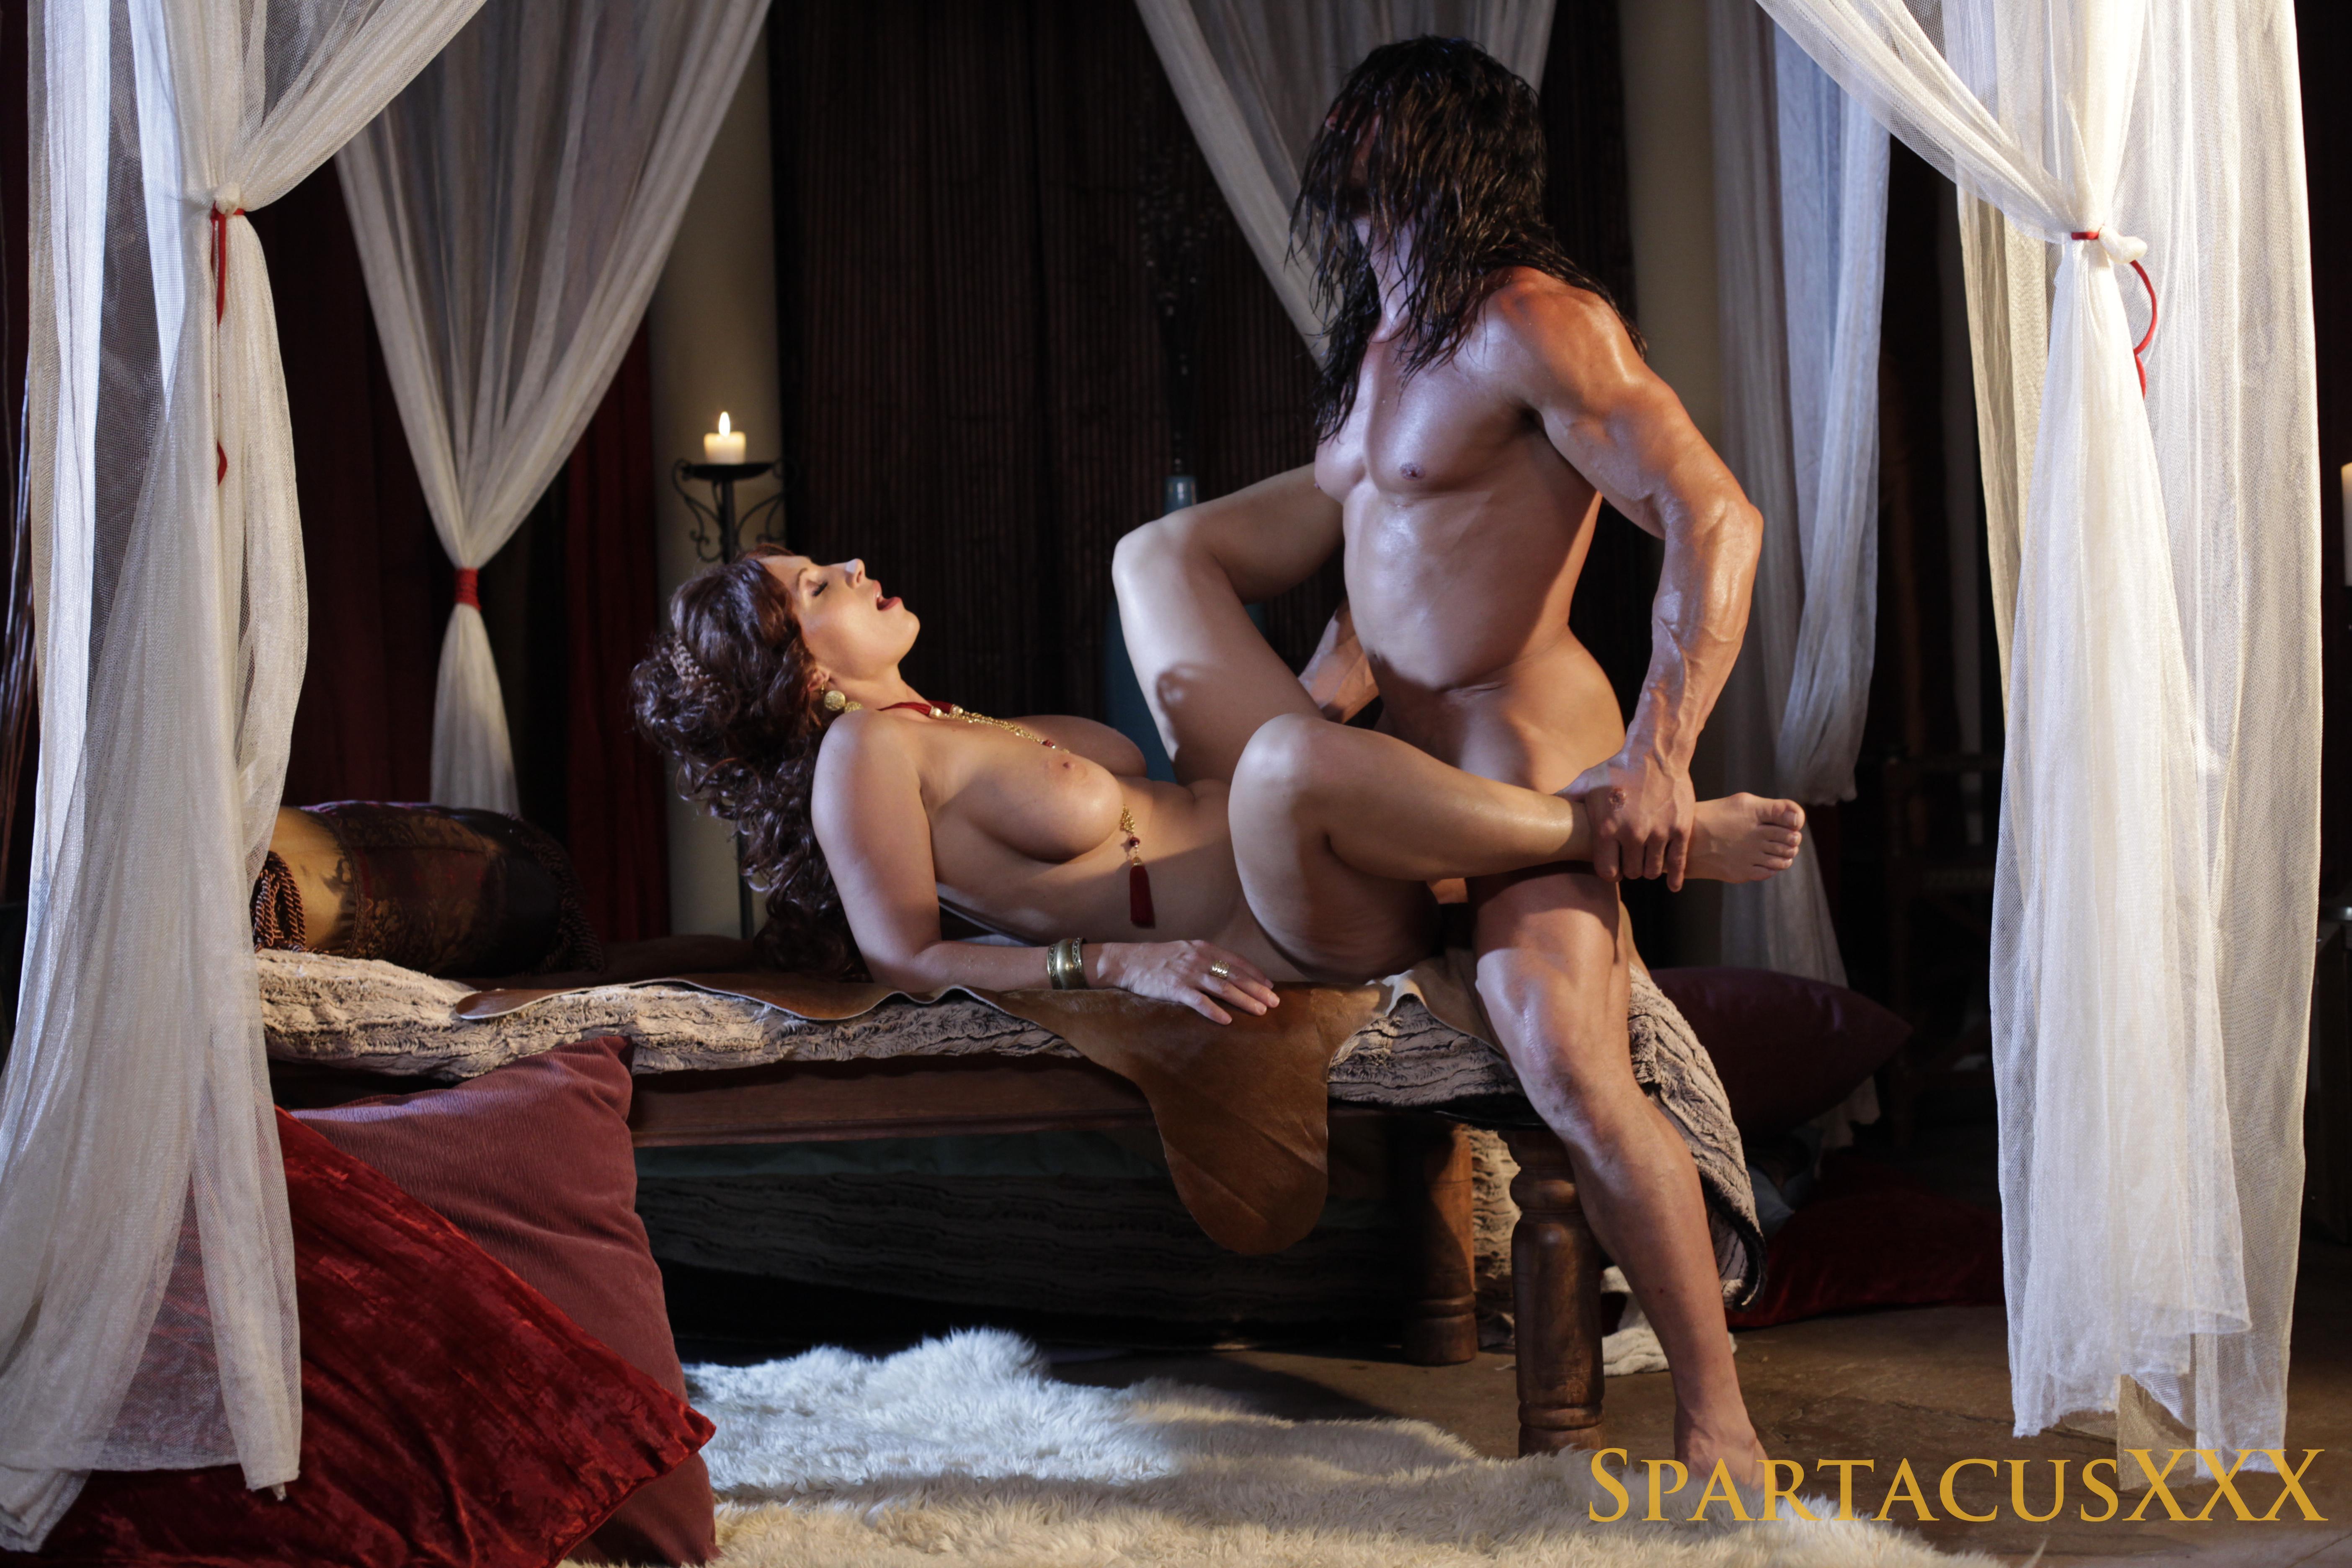 Итальянский порно-фильм спартанец